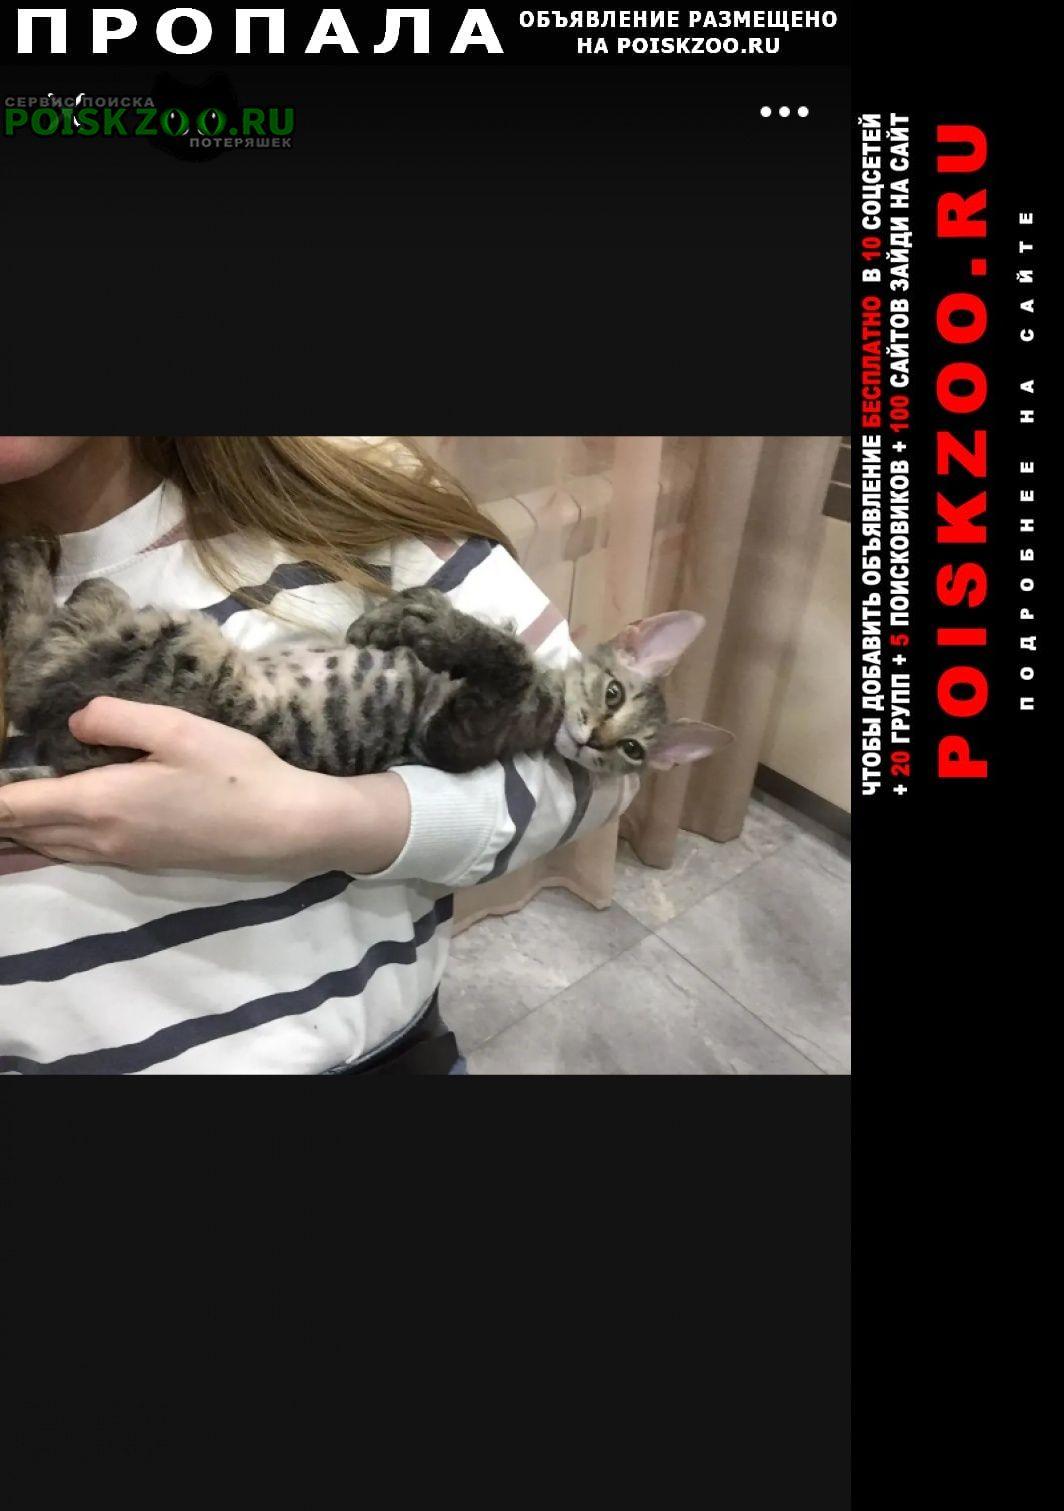 Пропала кошка кошечка 21 октября Москва